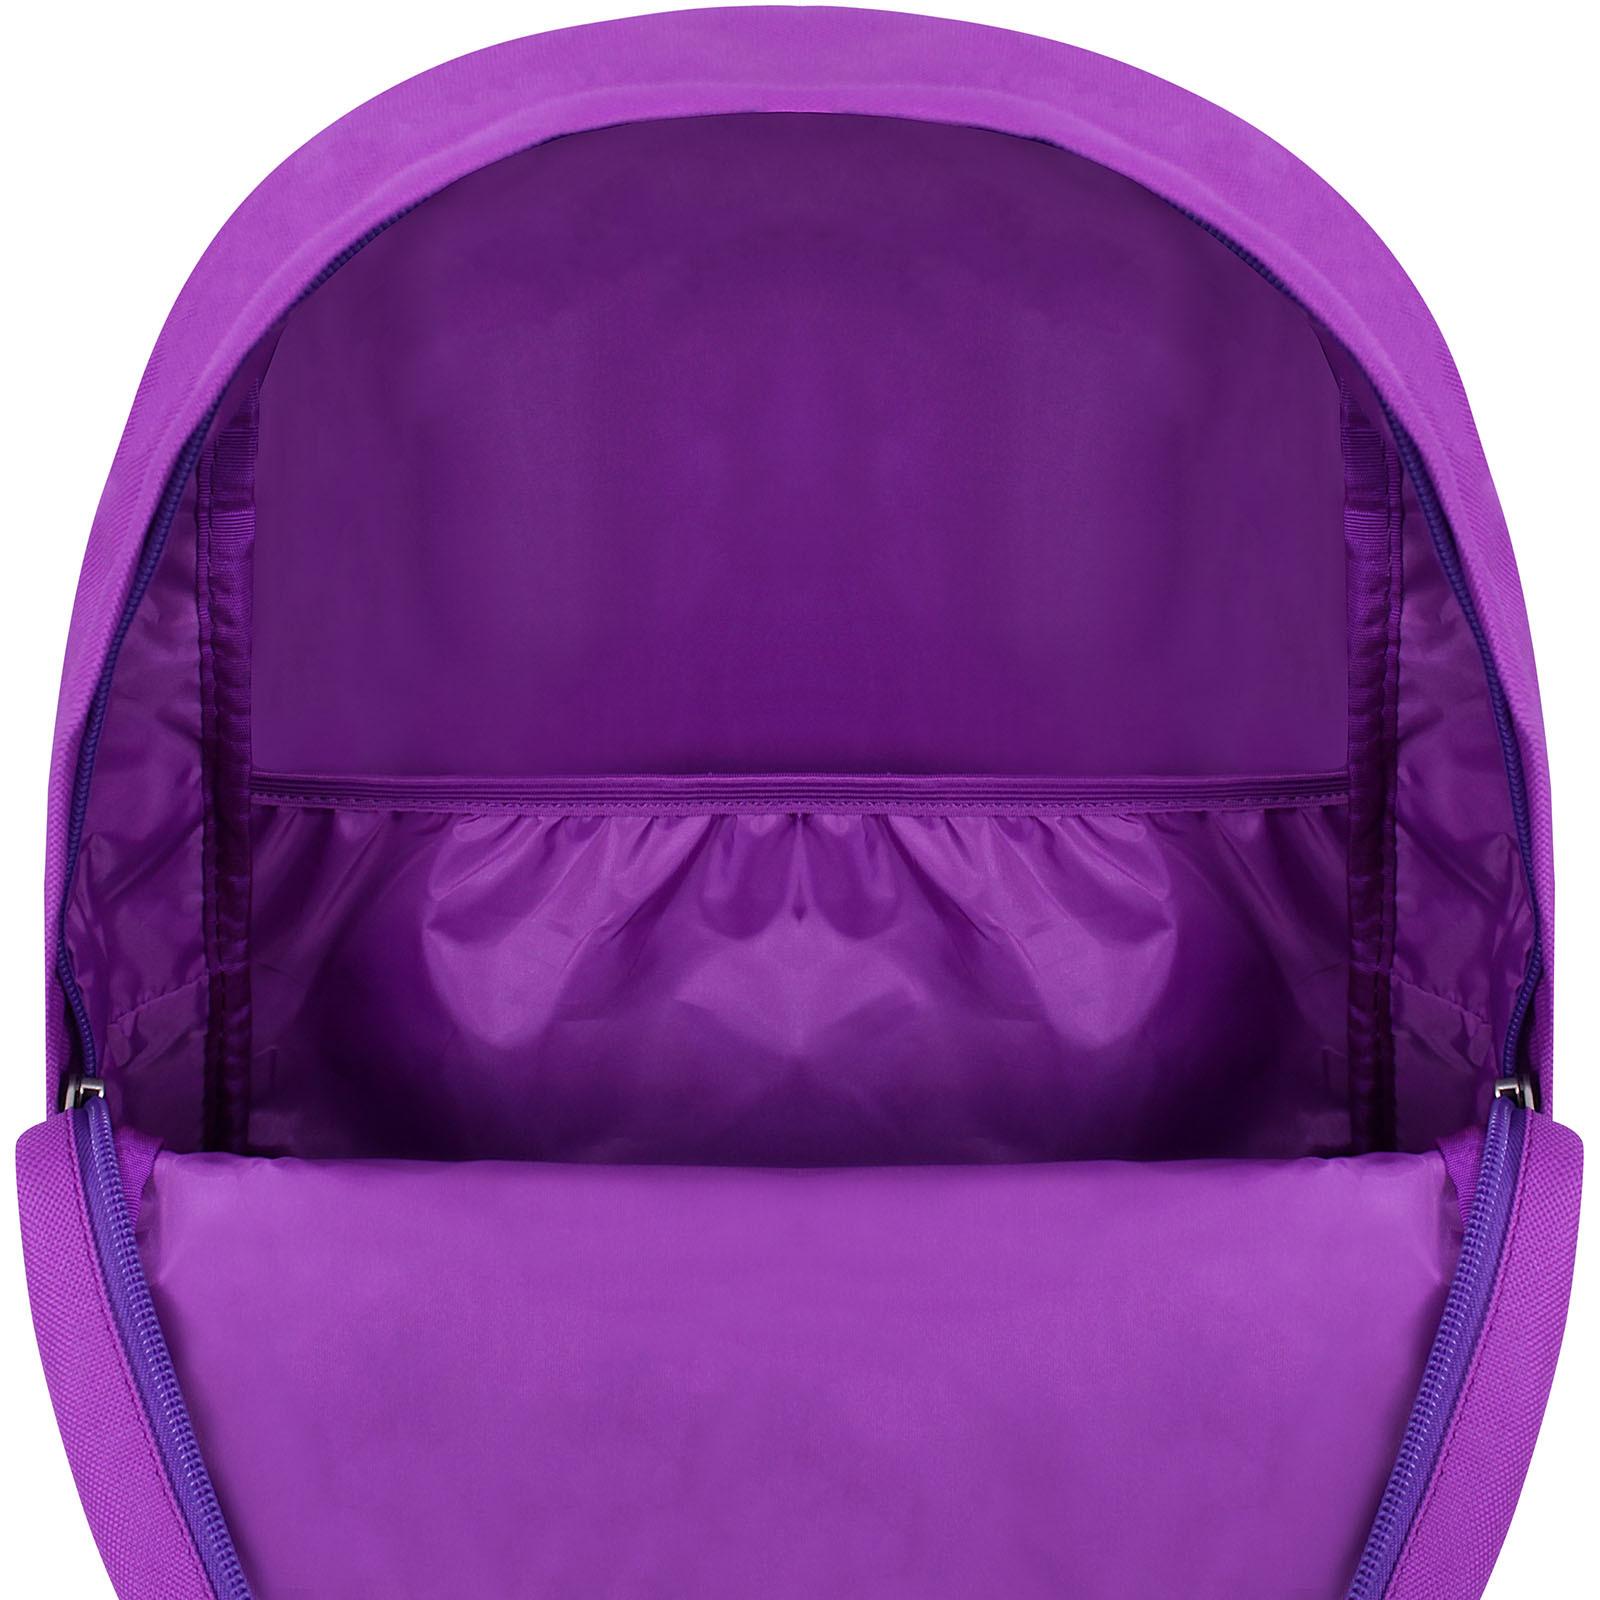 Рюкзак Bagland Молодежный W/R 17 л. 170 Фиолетовый 747 (00533662) фото 5